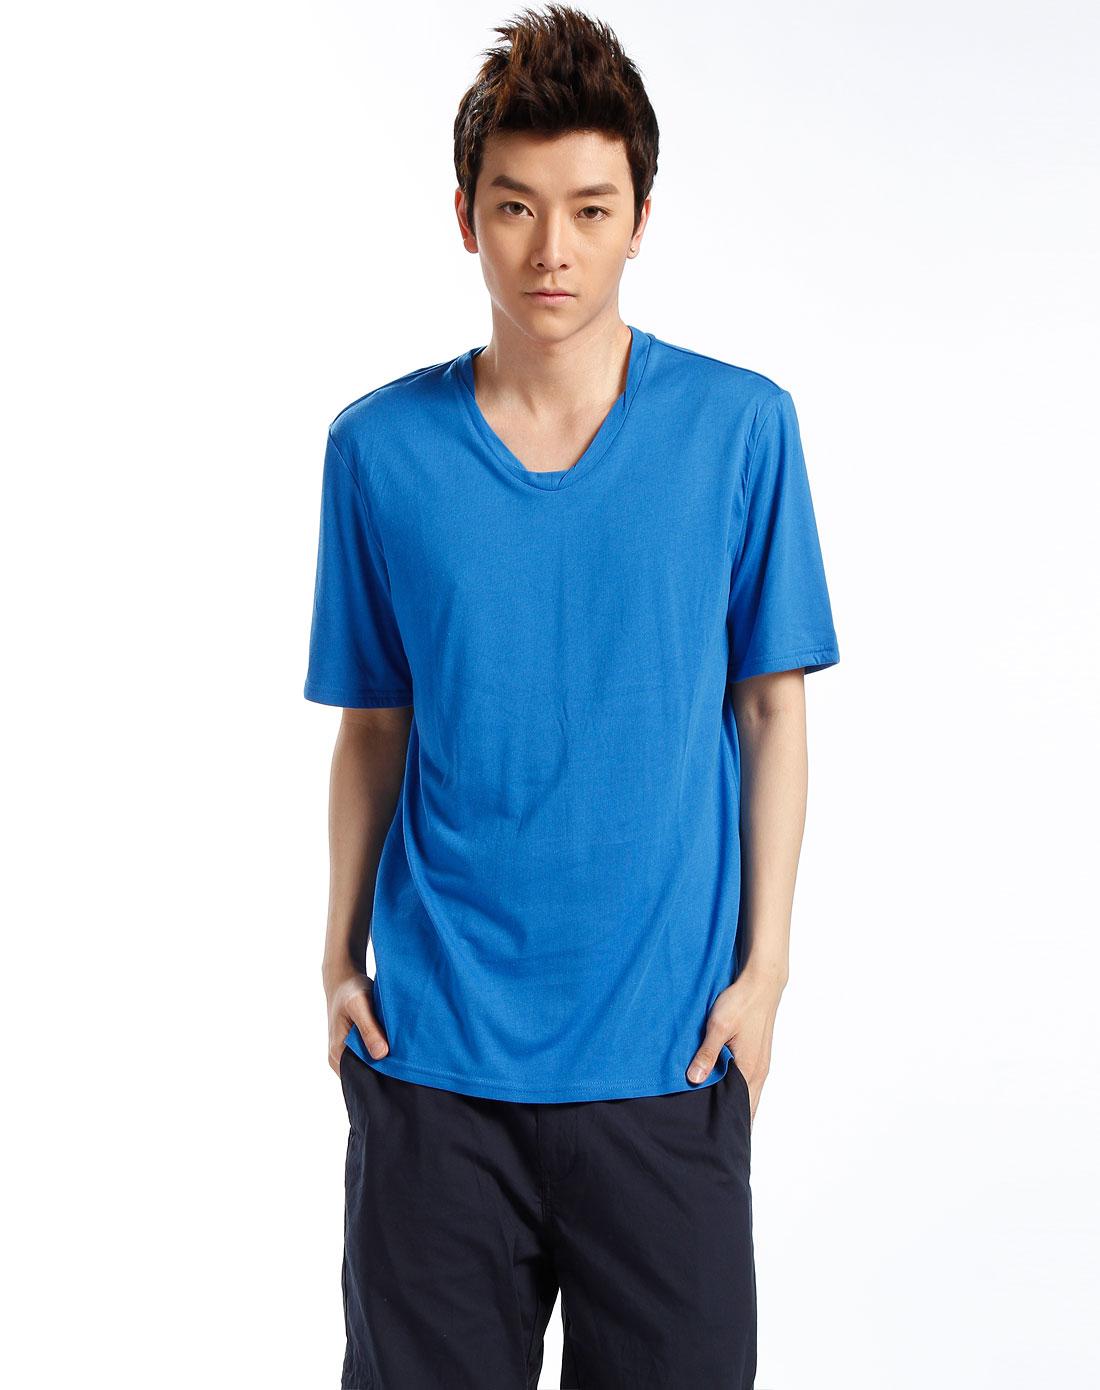 男款深蓝色简约短袖t恤